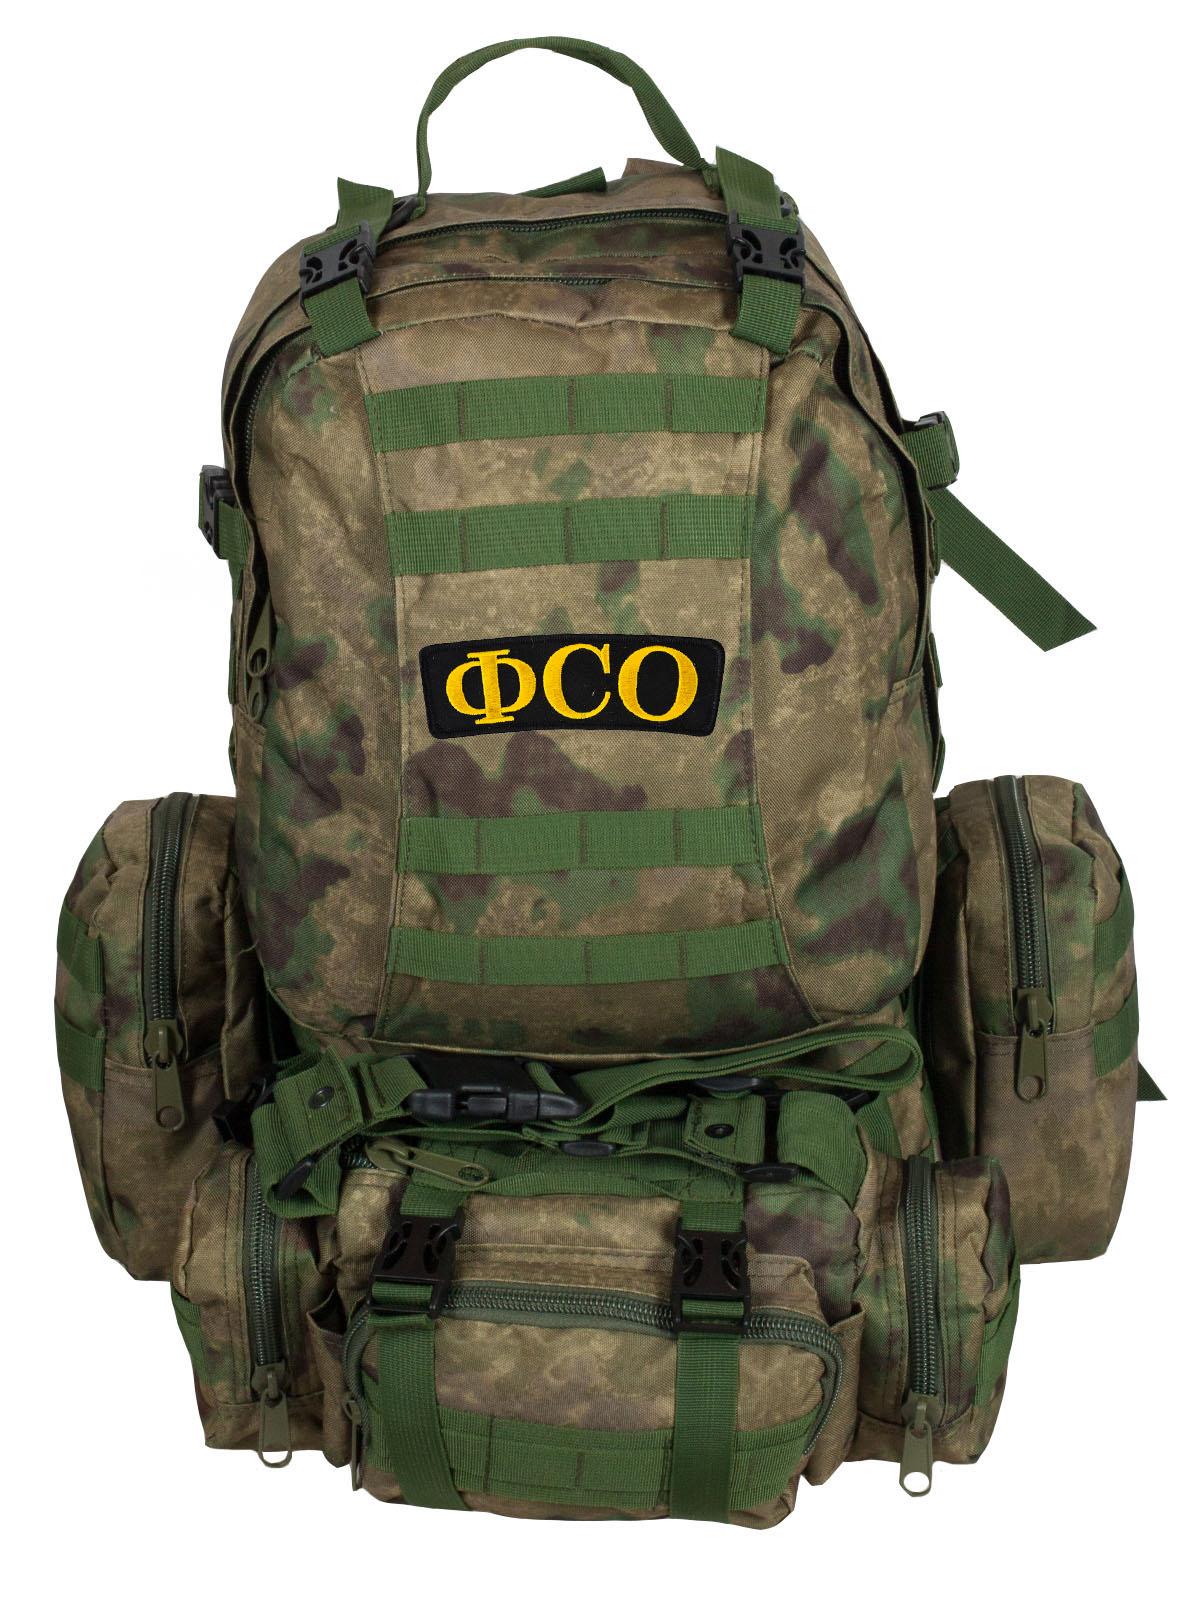 Рейдовый большой рюкзак-трансформер ФСО - купить онлайн